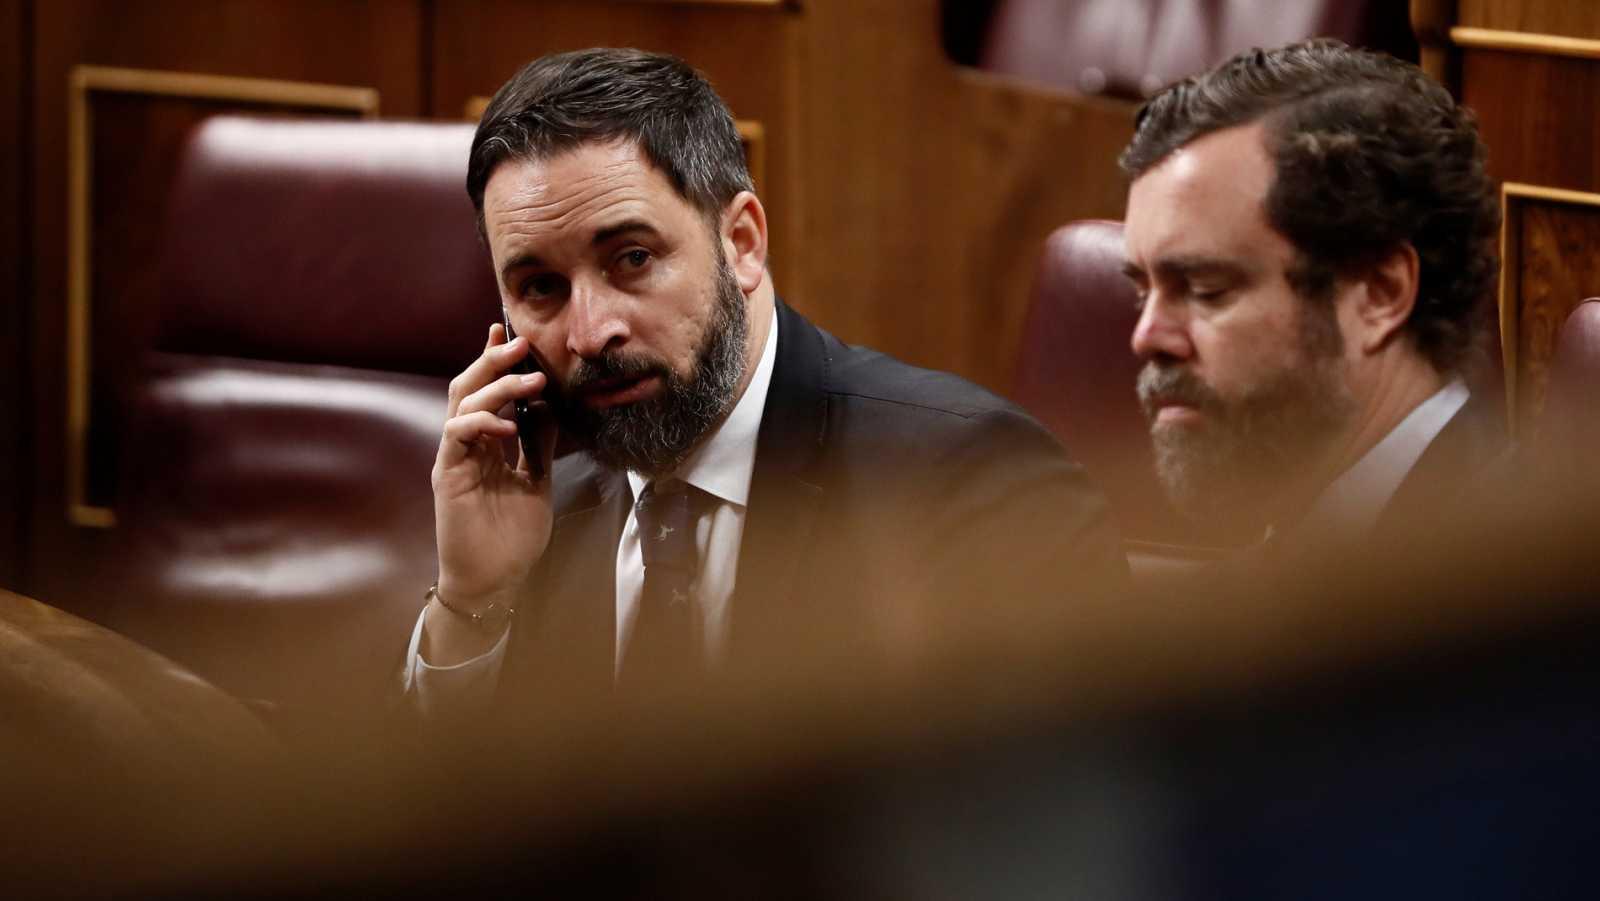 Vox niega irregularidades en sus primarias, como denuncia el candidato alternativo a Abascal